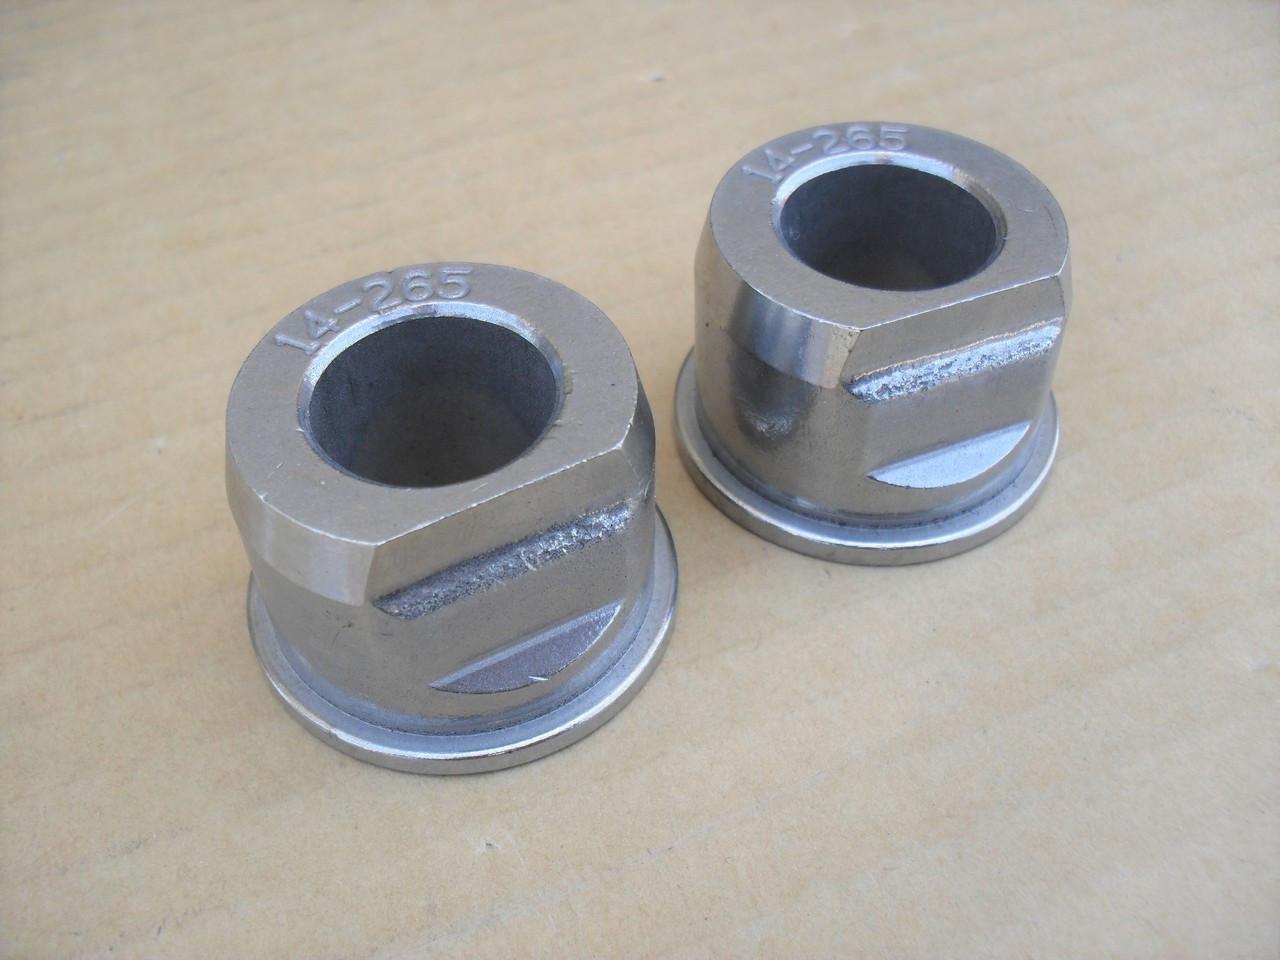 8 Front Wheel Bushings fits Husqvarna 532009040 Poulan Craftsman